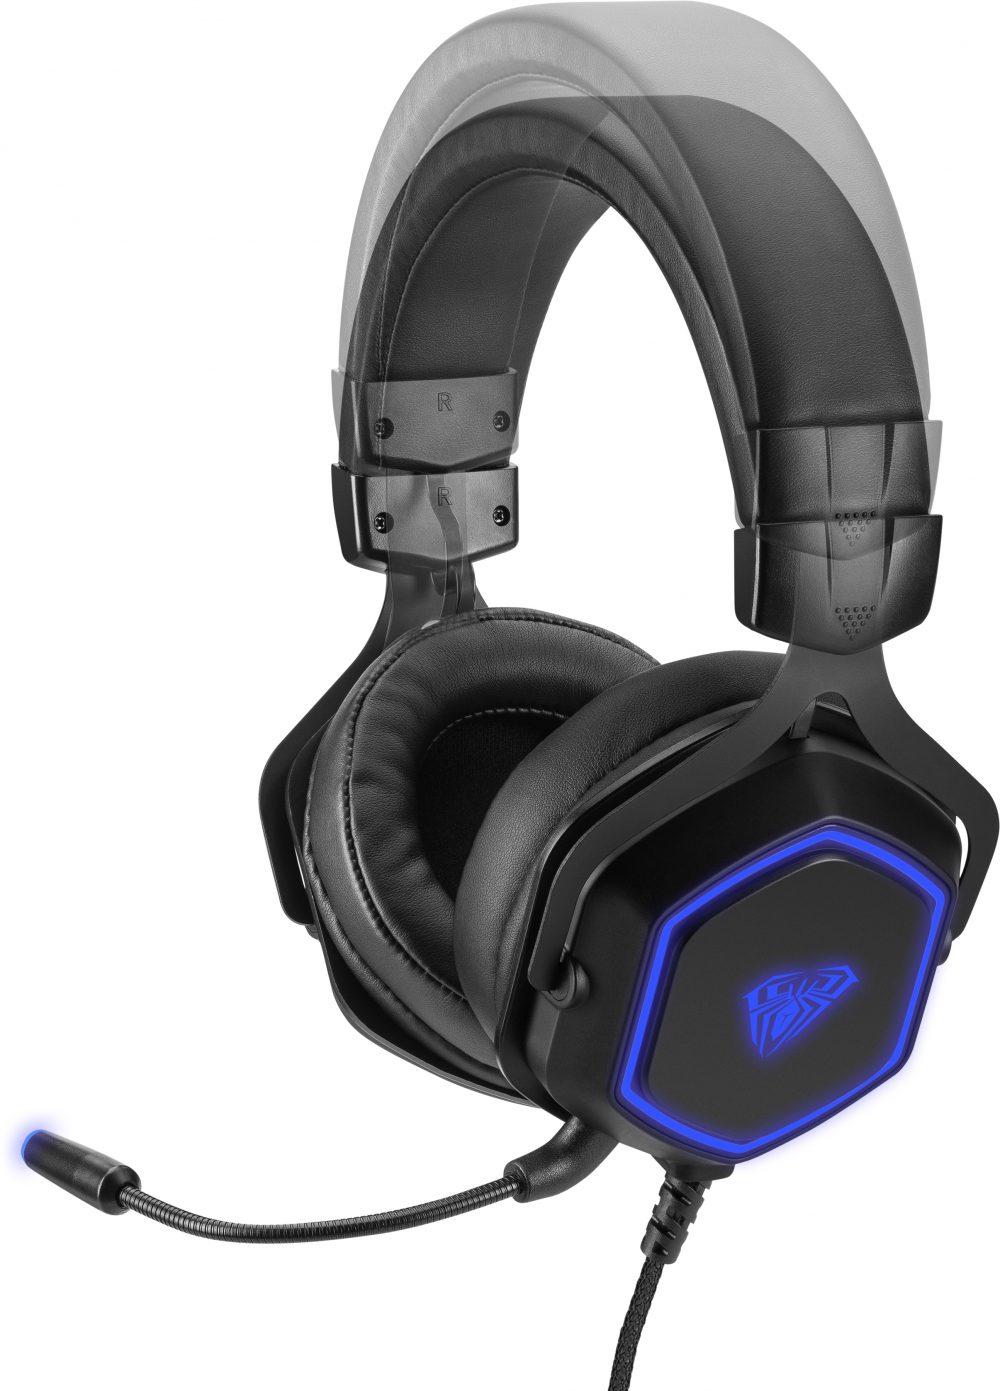 Ігрові навушники Aula Hex 7.1